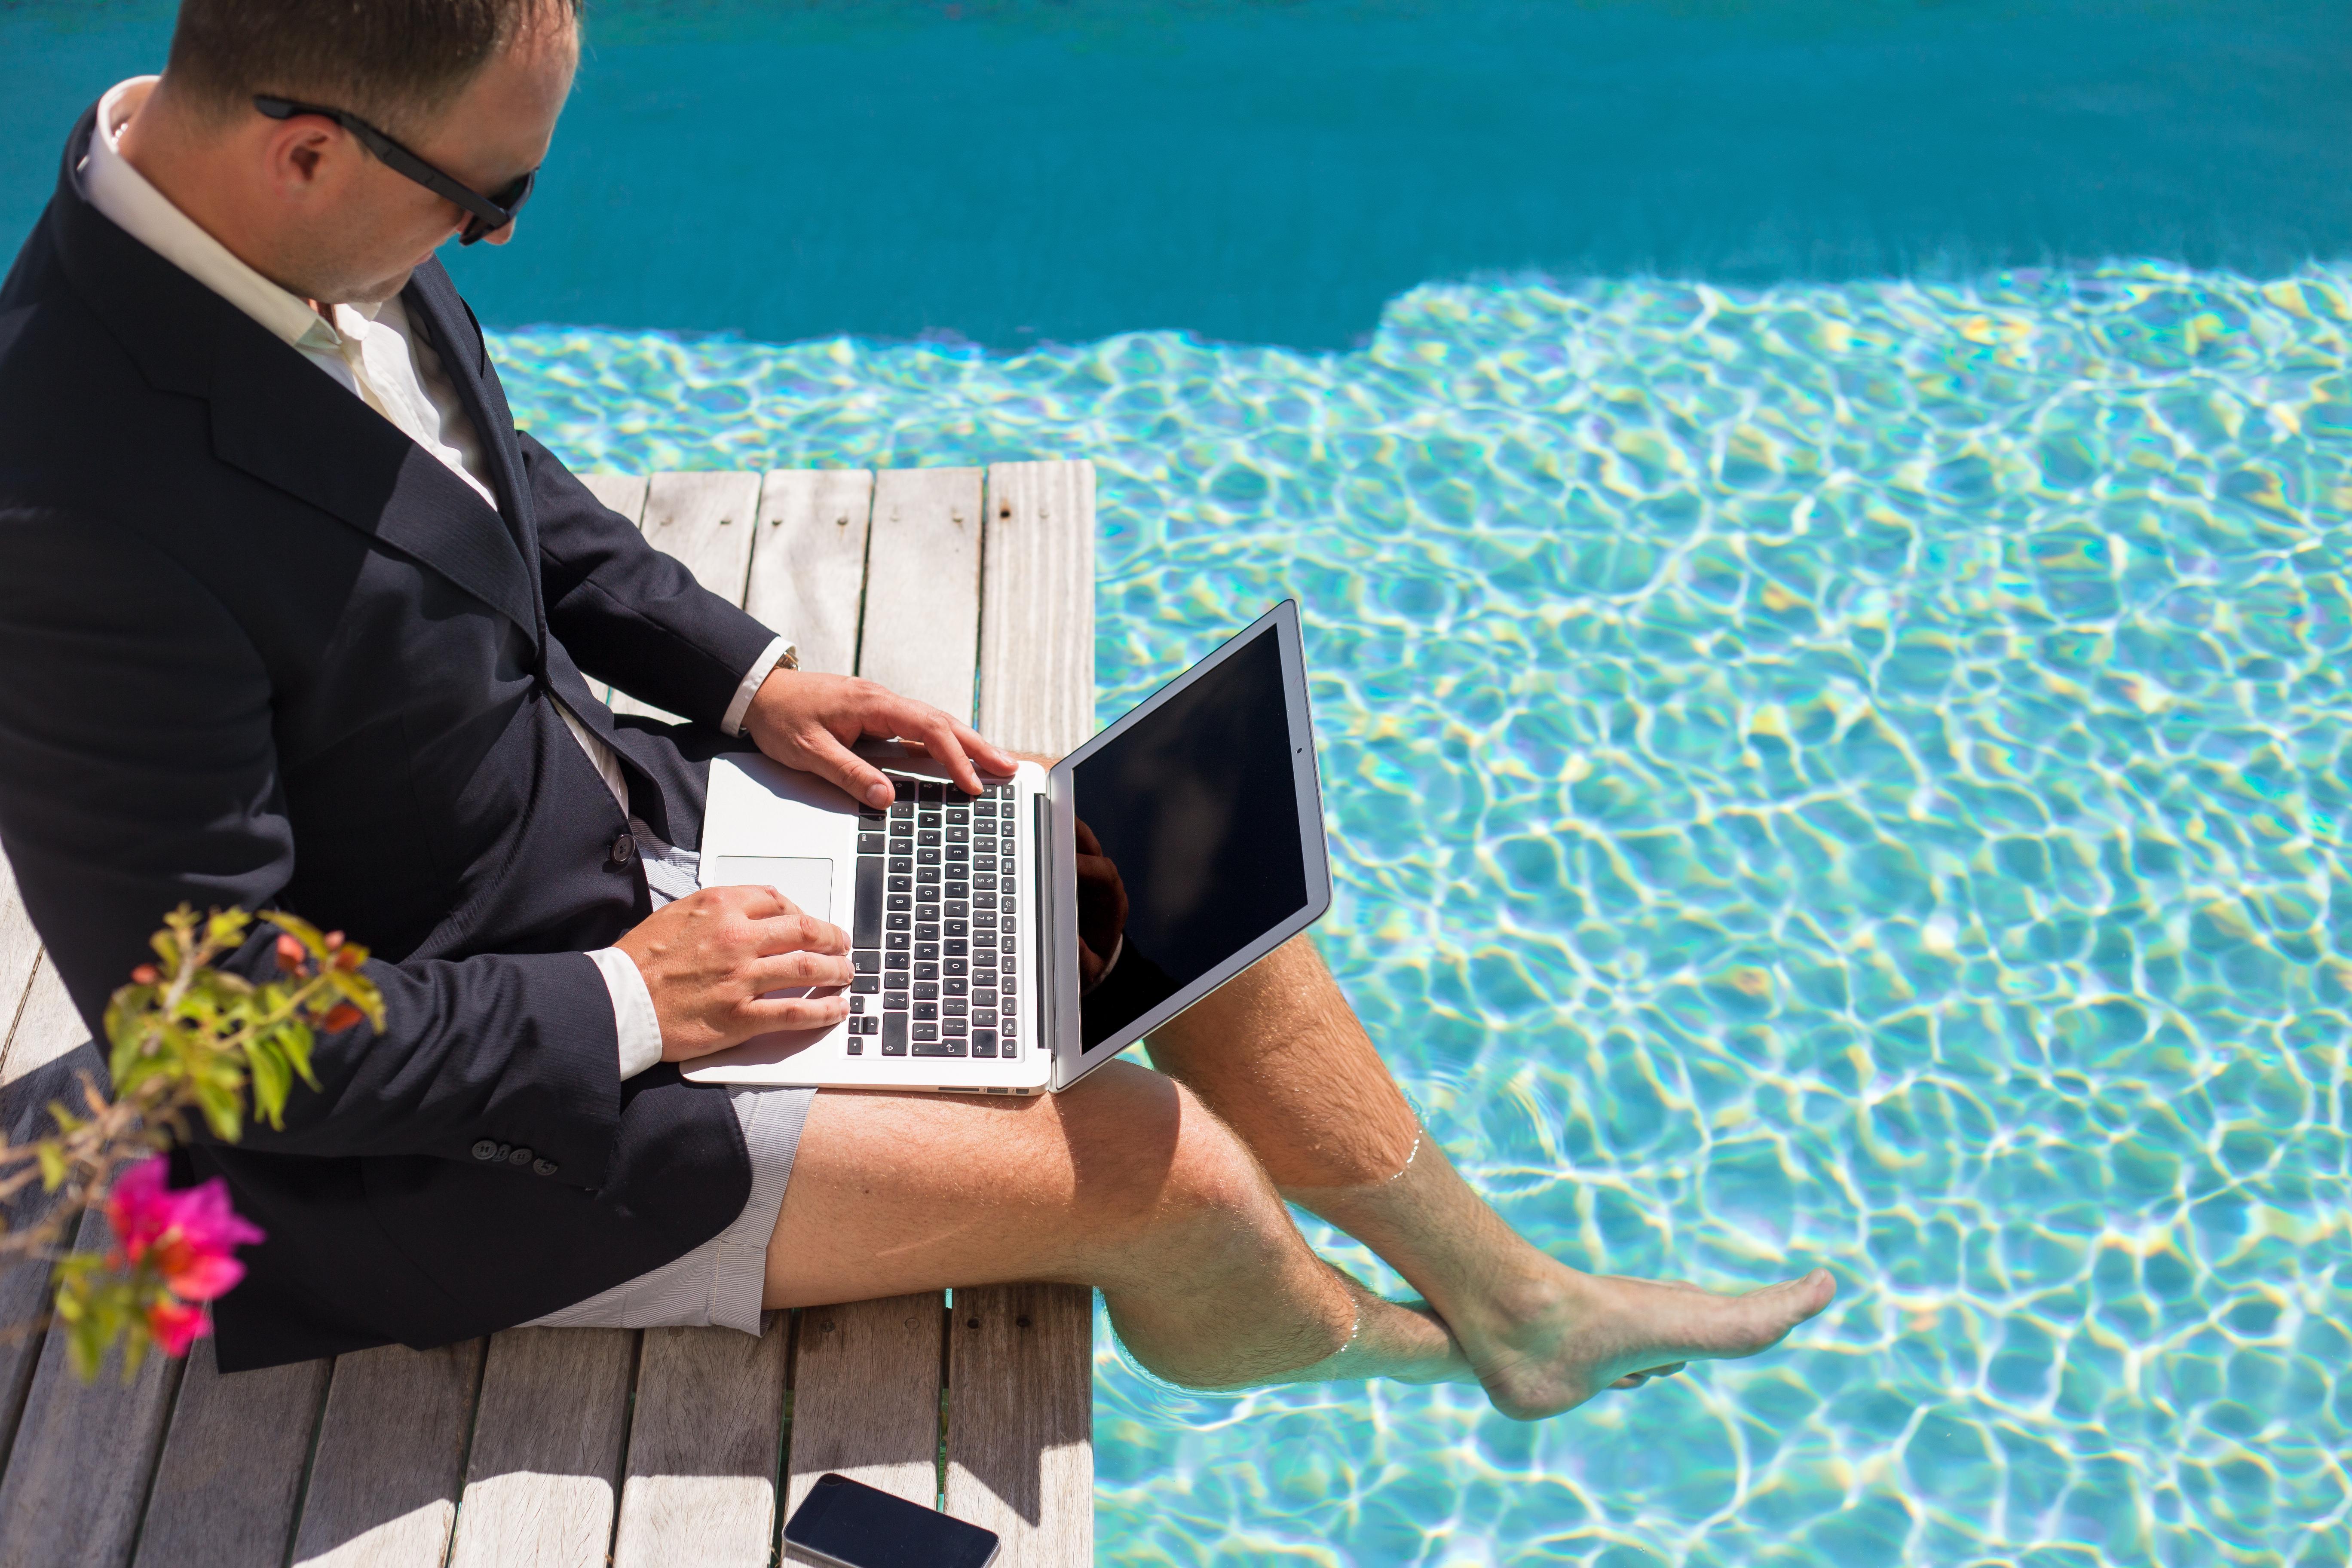 Prázdniny s počítačem